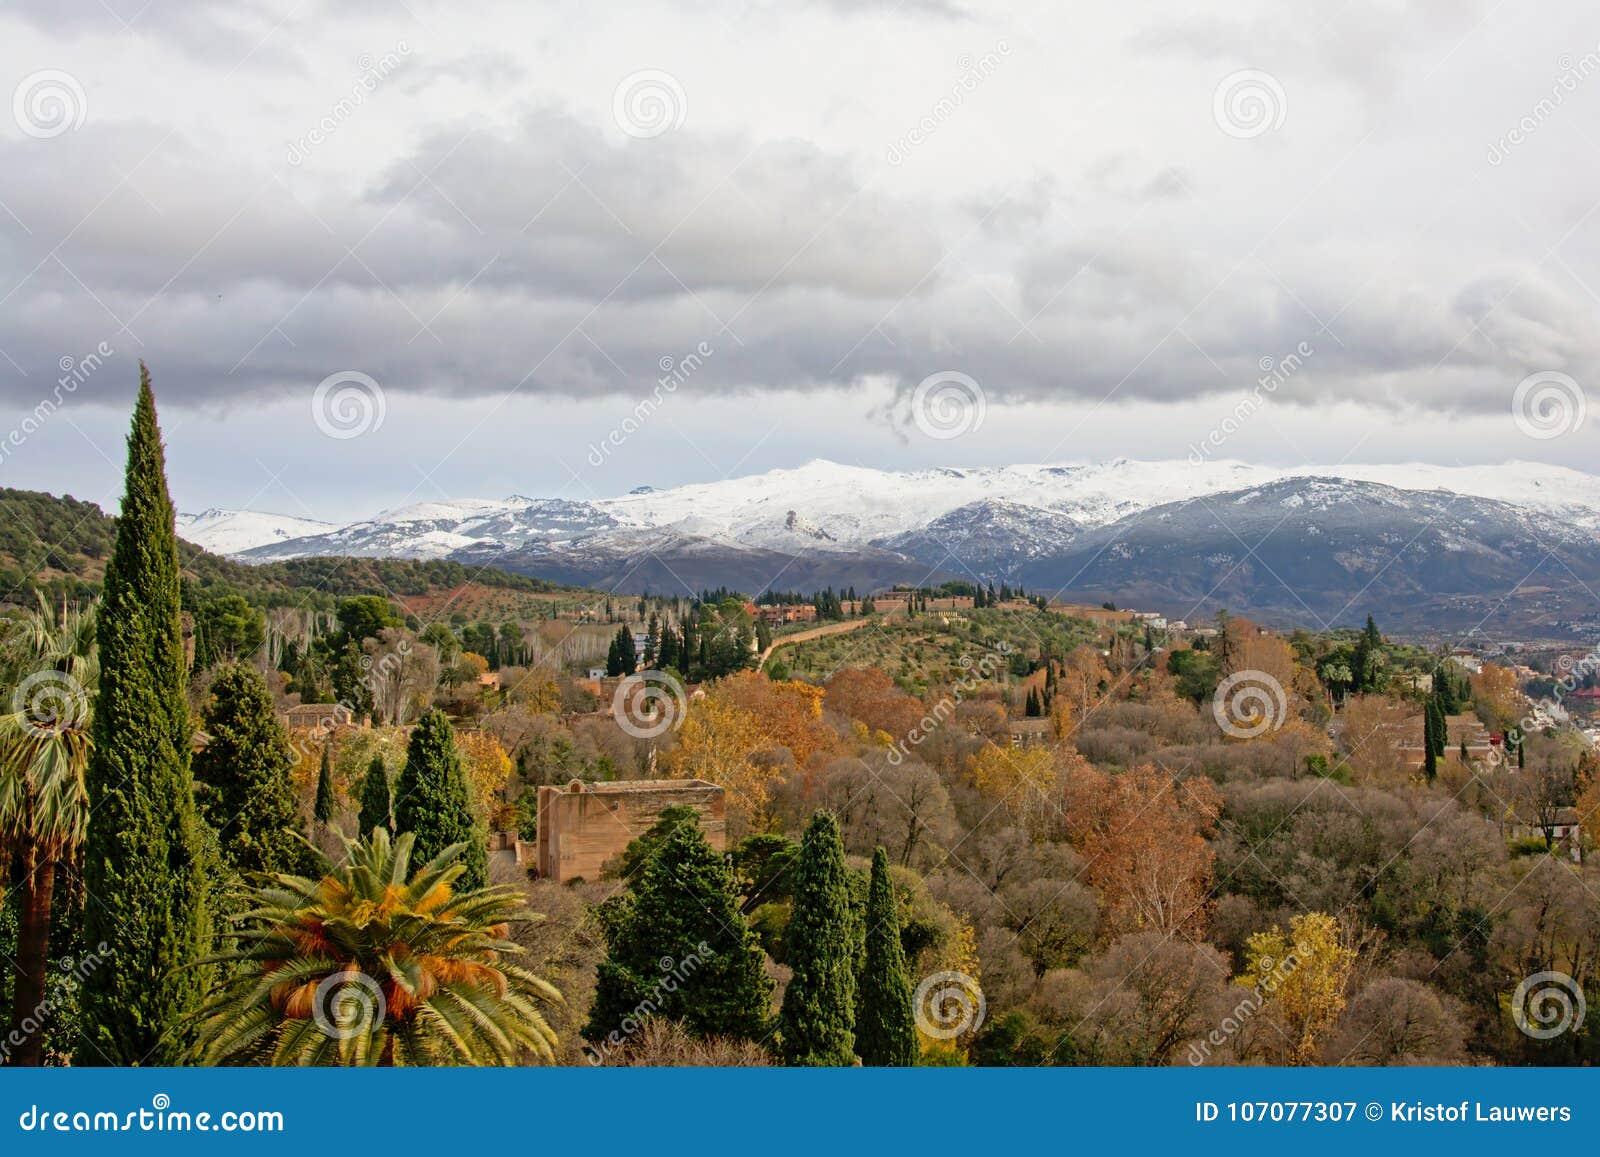 La Vue Sur Des Jardins De Generalife Et Les Montagnes De Sierra Nevada D Alhambra Se Retranchent Grenade Espagne Un Jour Nuageu Image Stock Image Du Europe Scenique 107077307